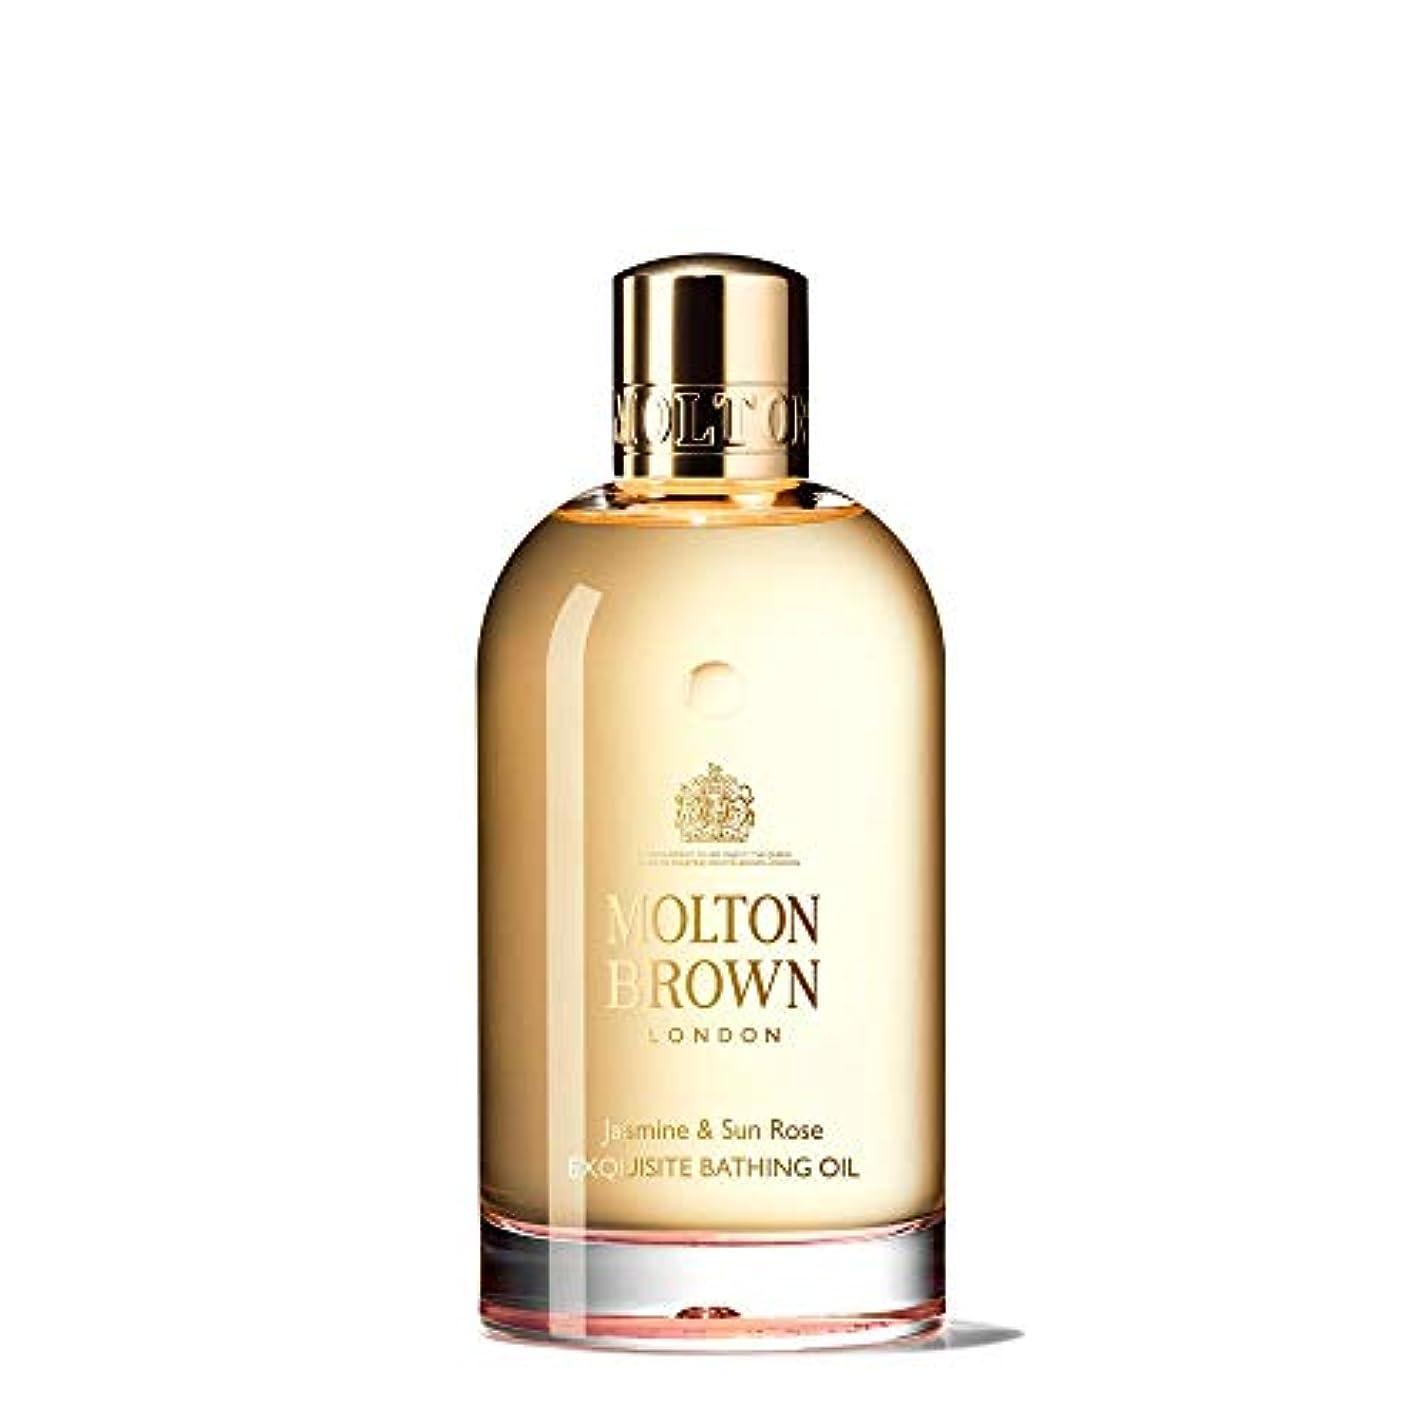 ハッピー洗う郵便MOLTON BROWN(モルトンブラウン) ジャスミン&サンローズ コレクション J&SR ベージングオイル